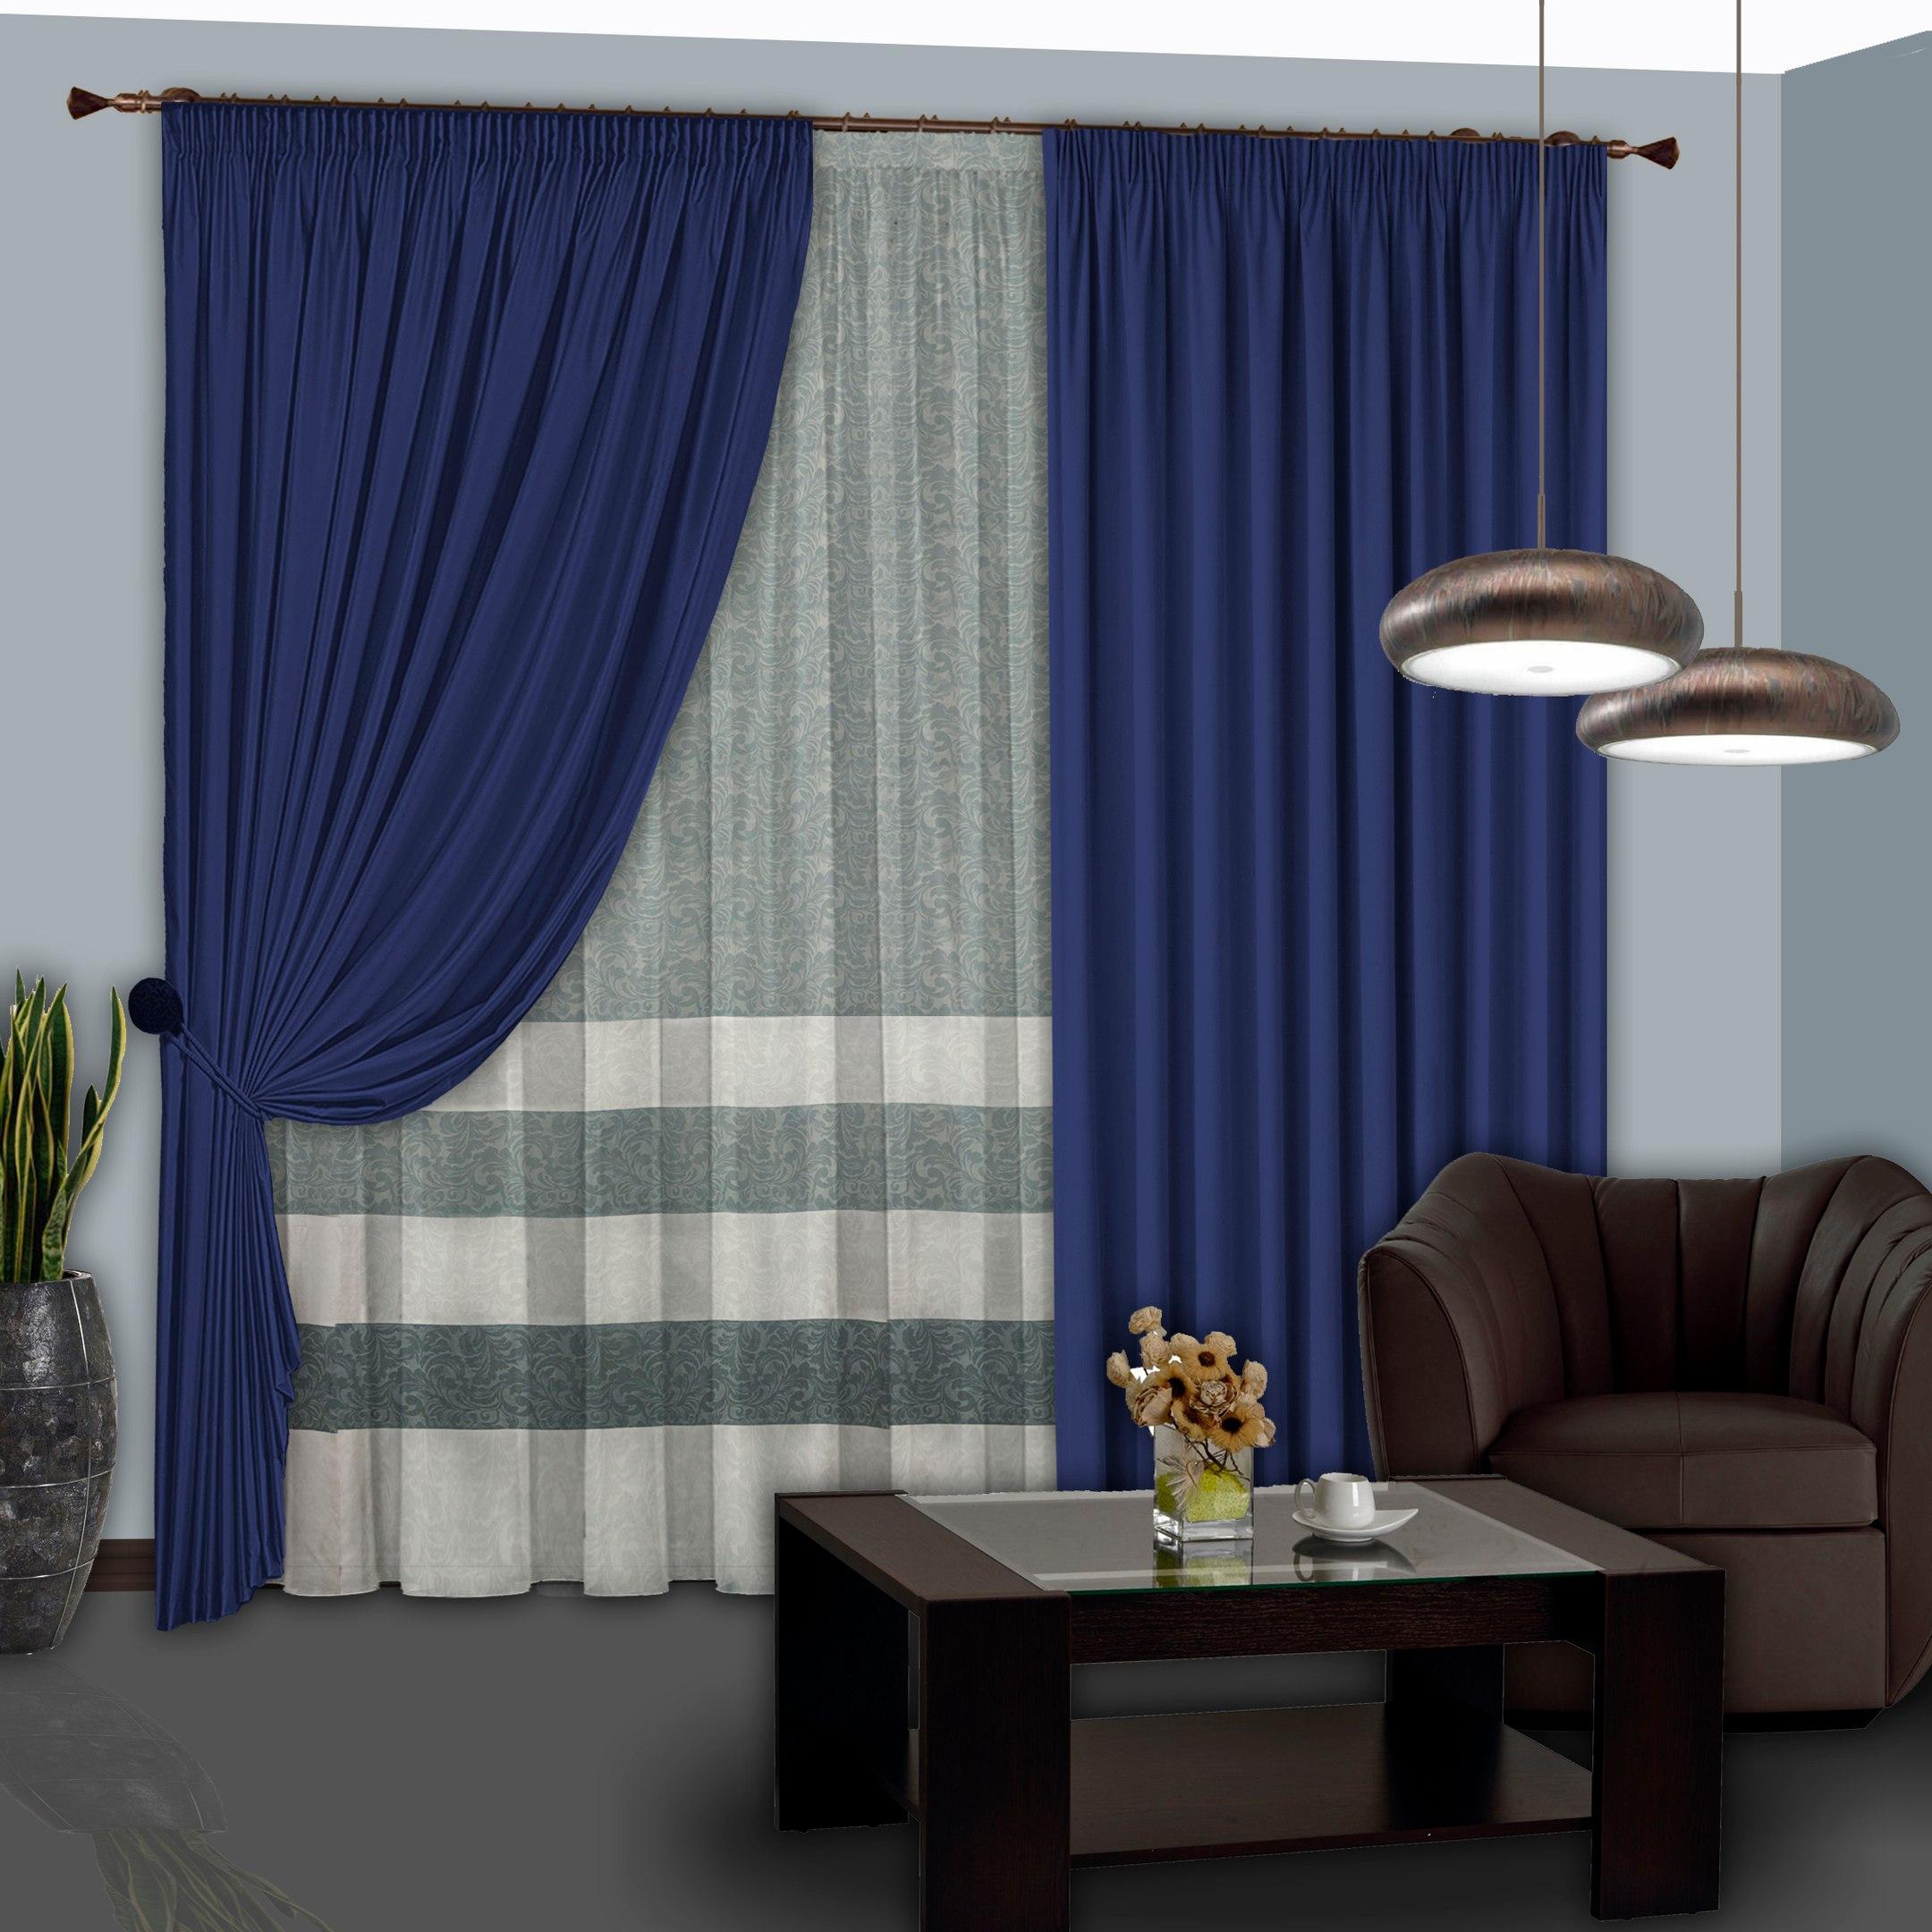 Шторы РеалТекс Классические шторы Sydnie Цвет: Синий шторы реалтекс классические шторы alberta цвет персиковый молочный